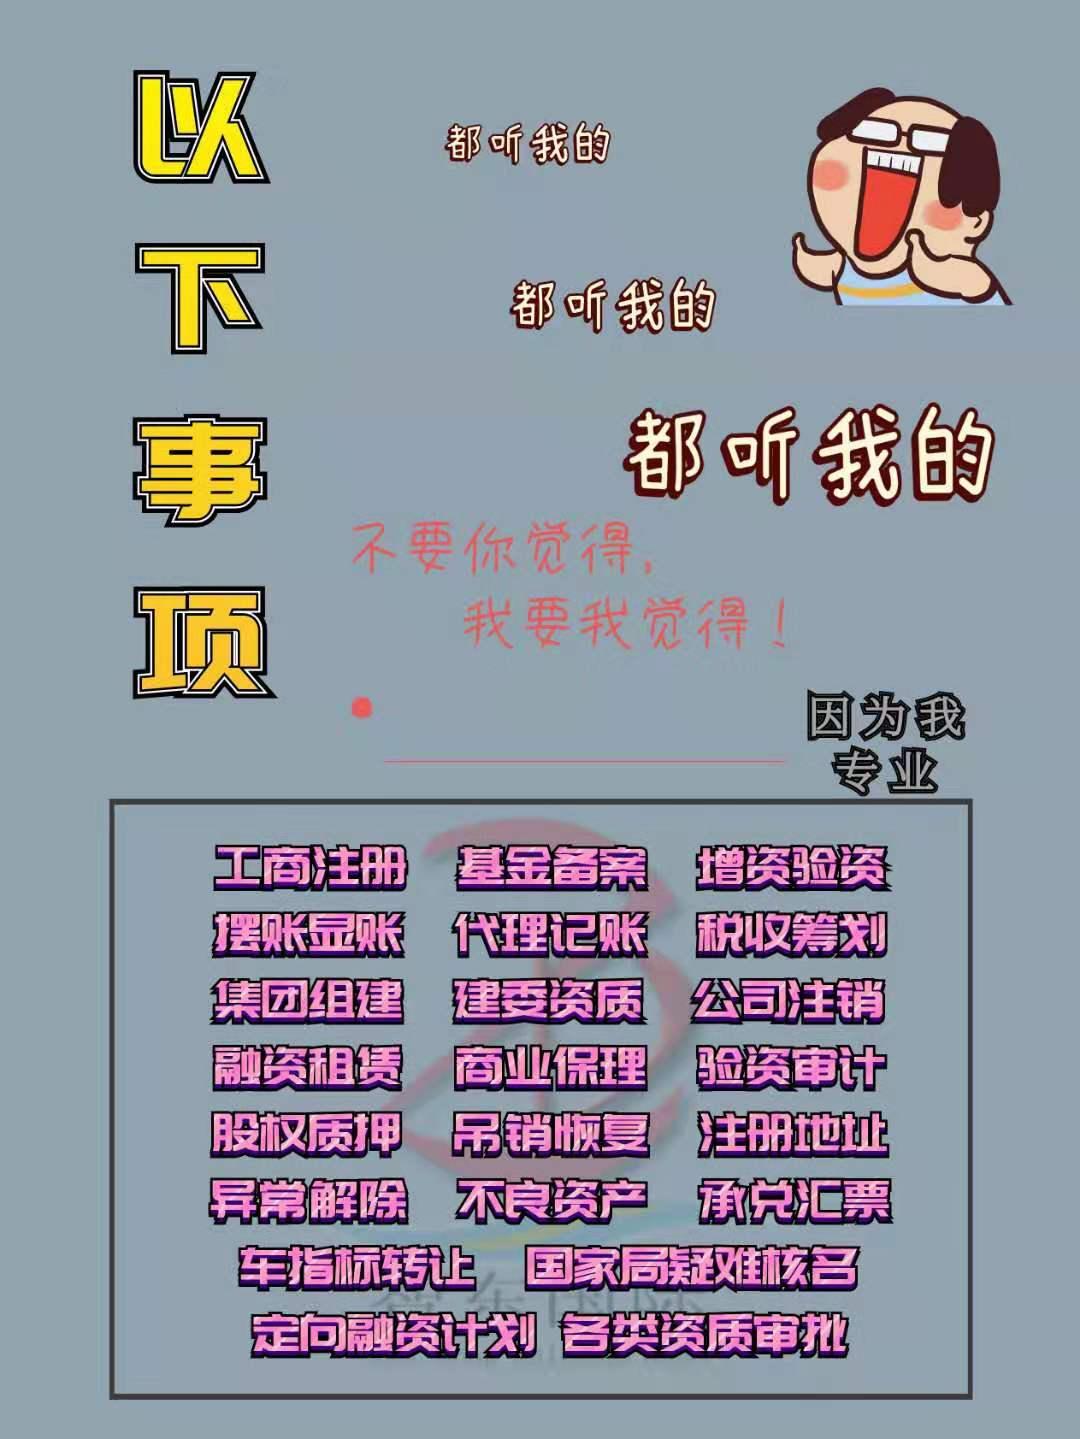 北京企业注销耶耶耶